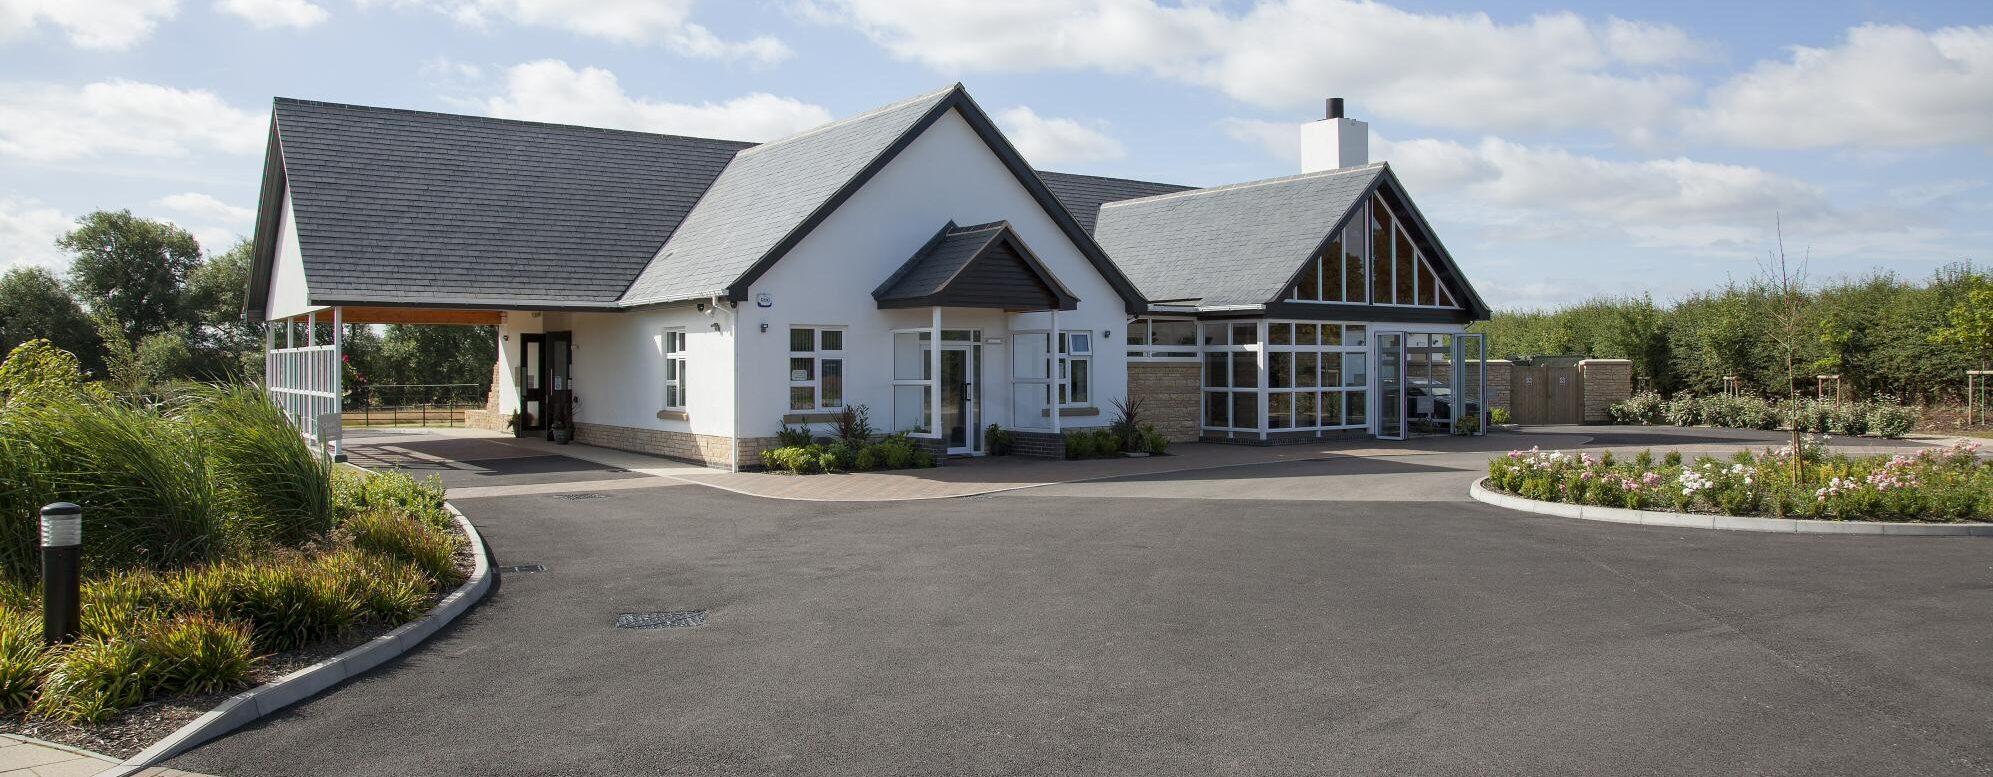 South Leicestershire Memorial Park and Crematorium